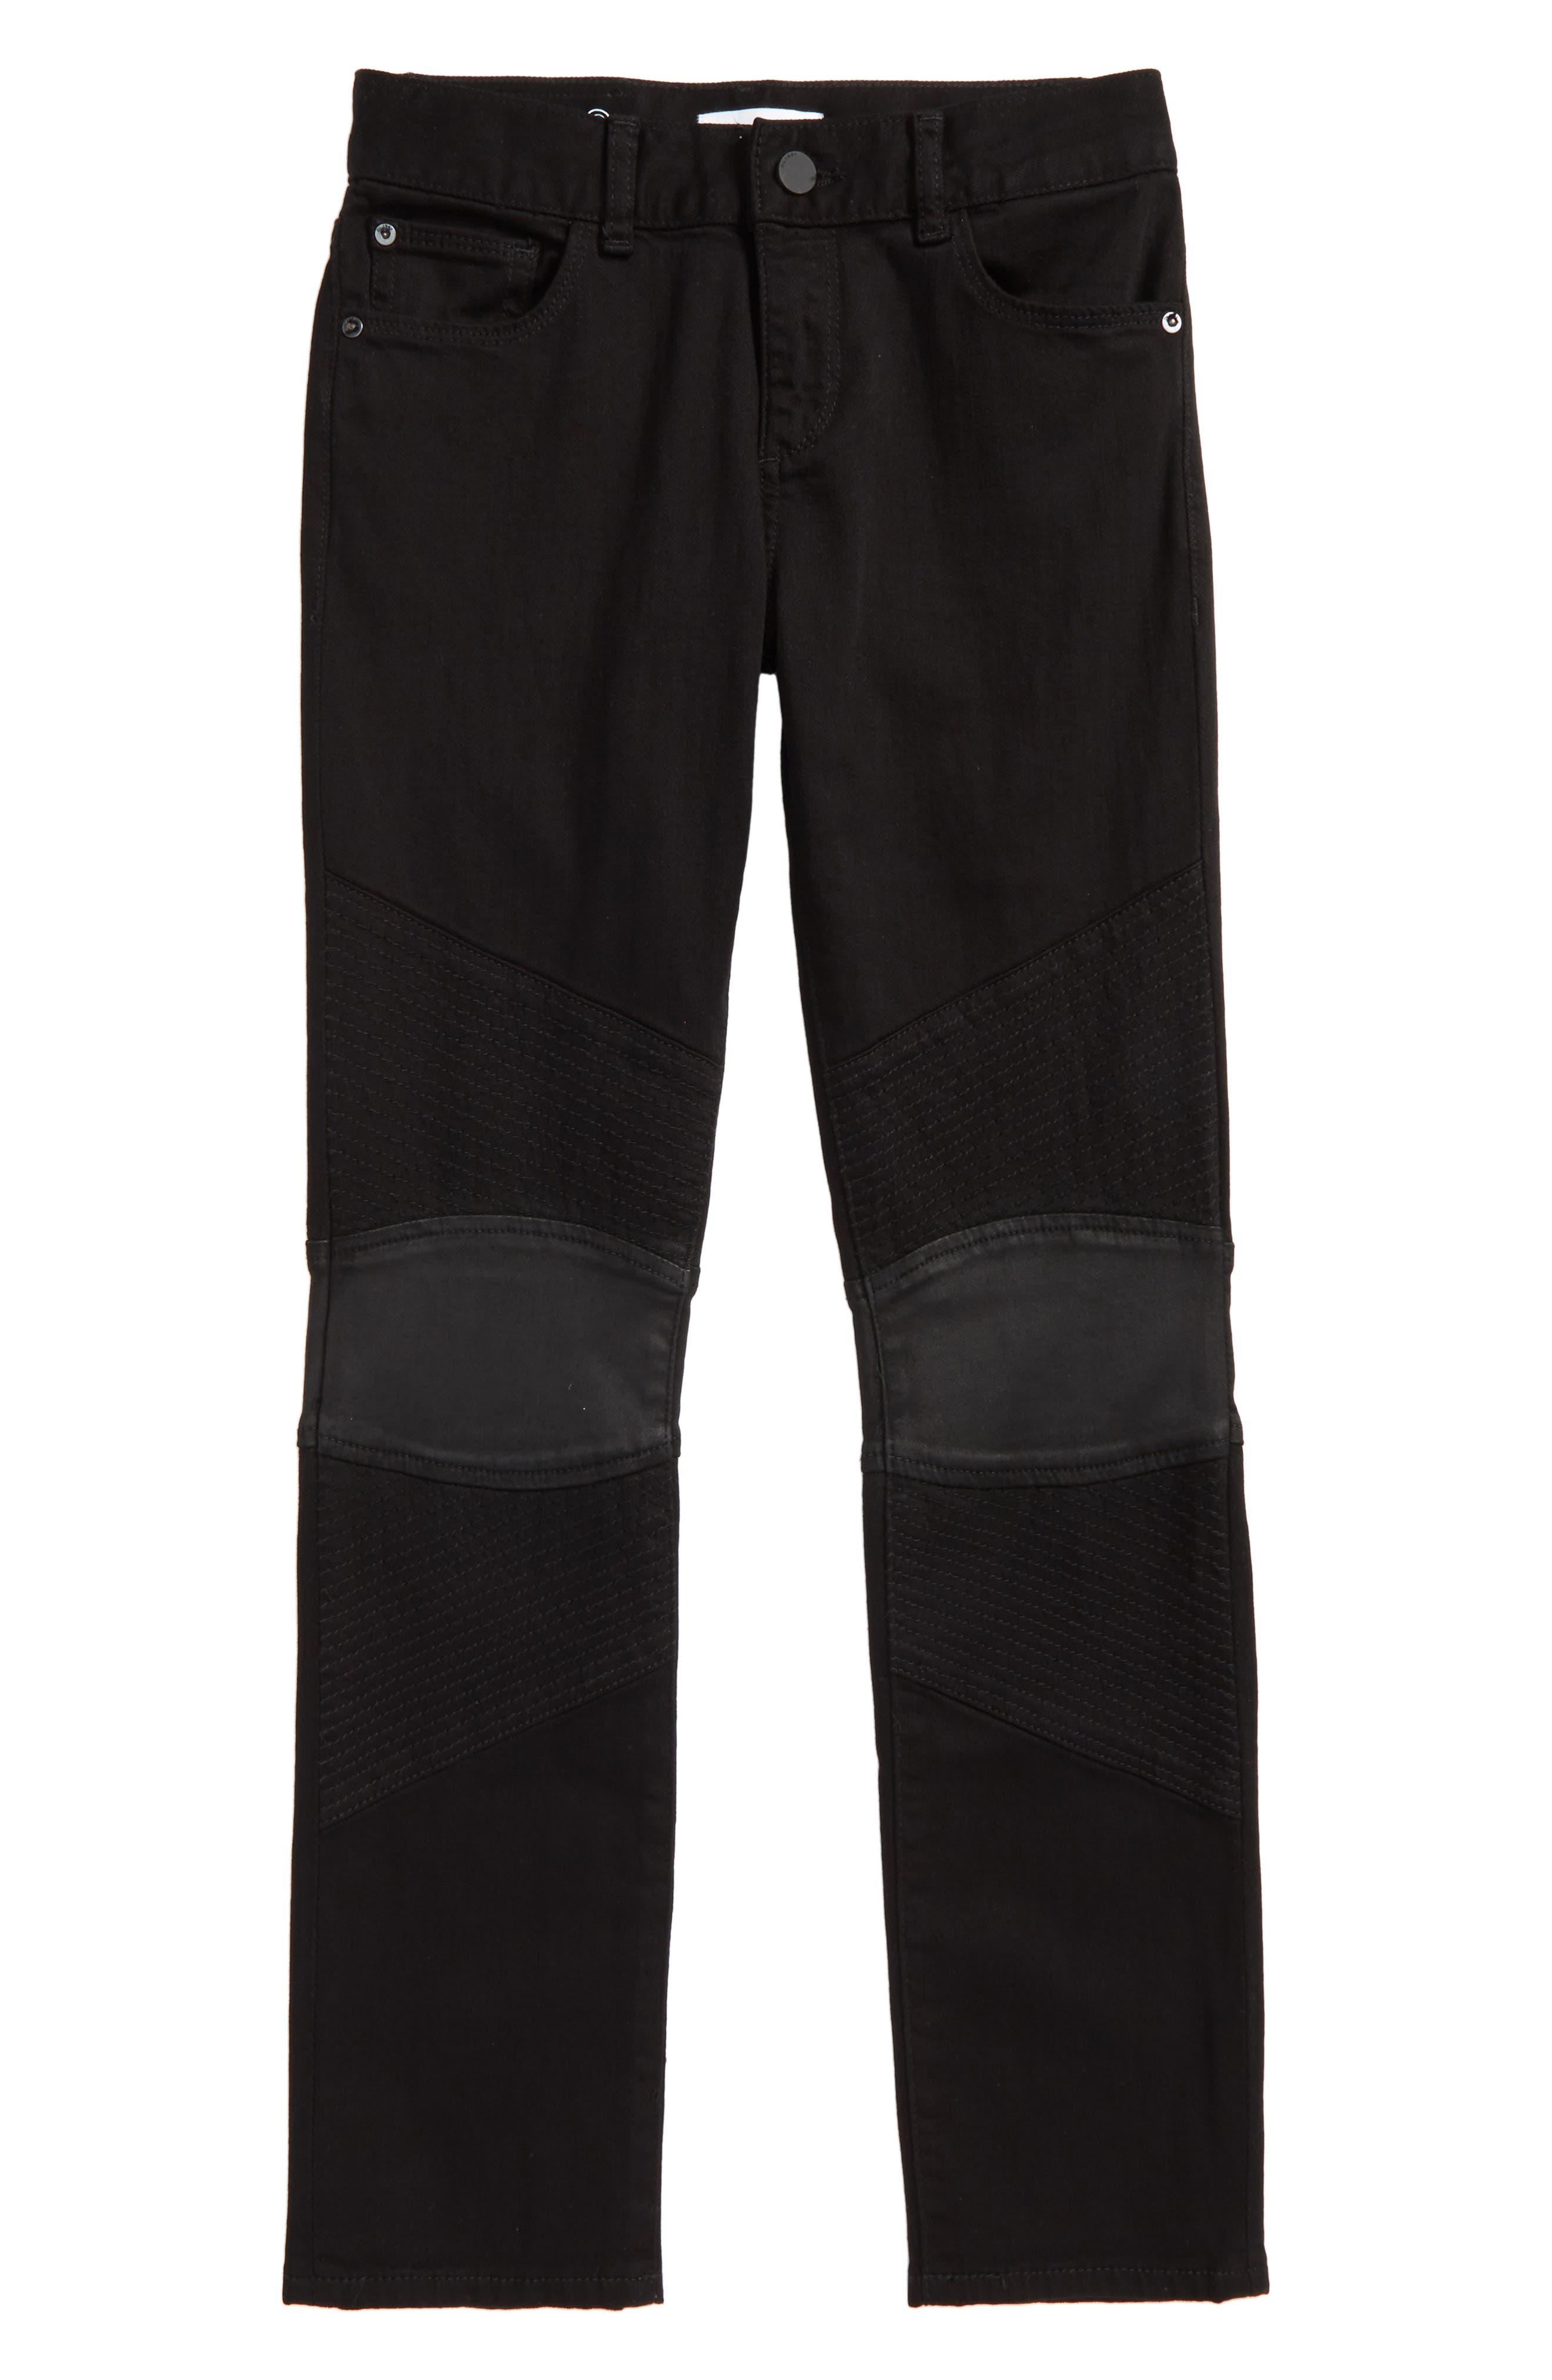 DL1961 Hawke Skinny Knit Moto Jeans (Big Boys)